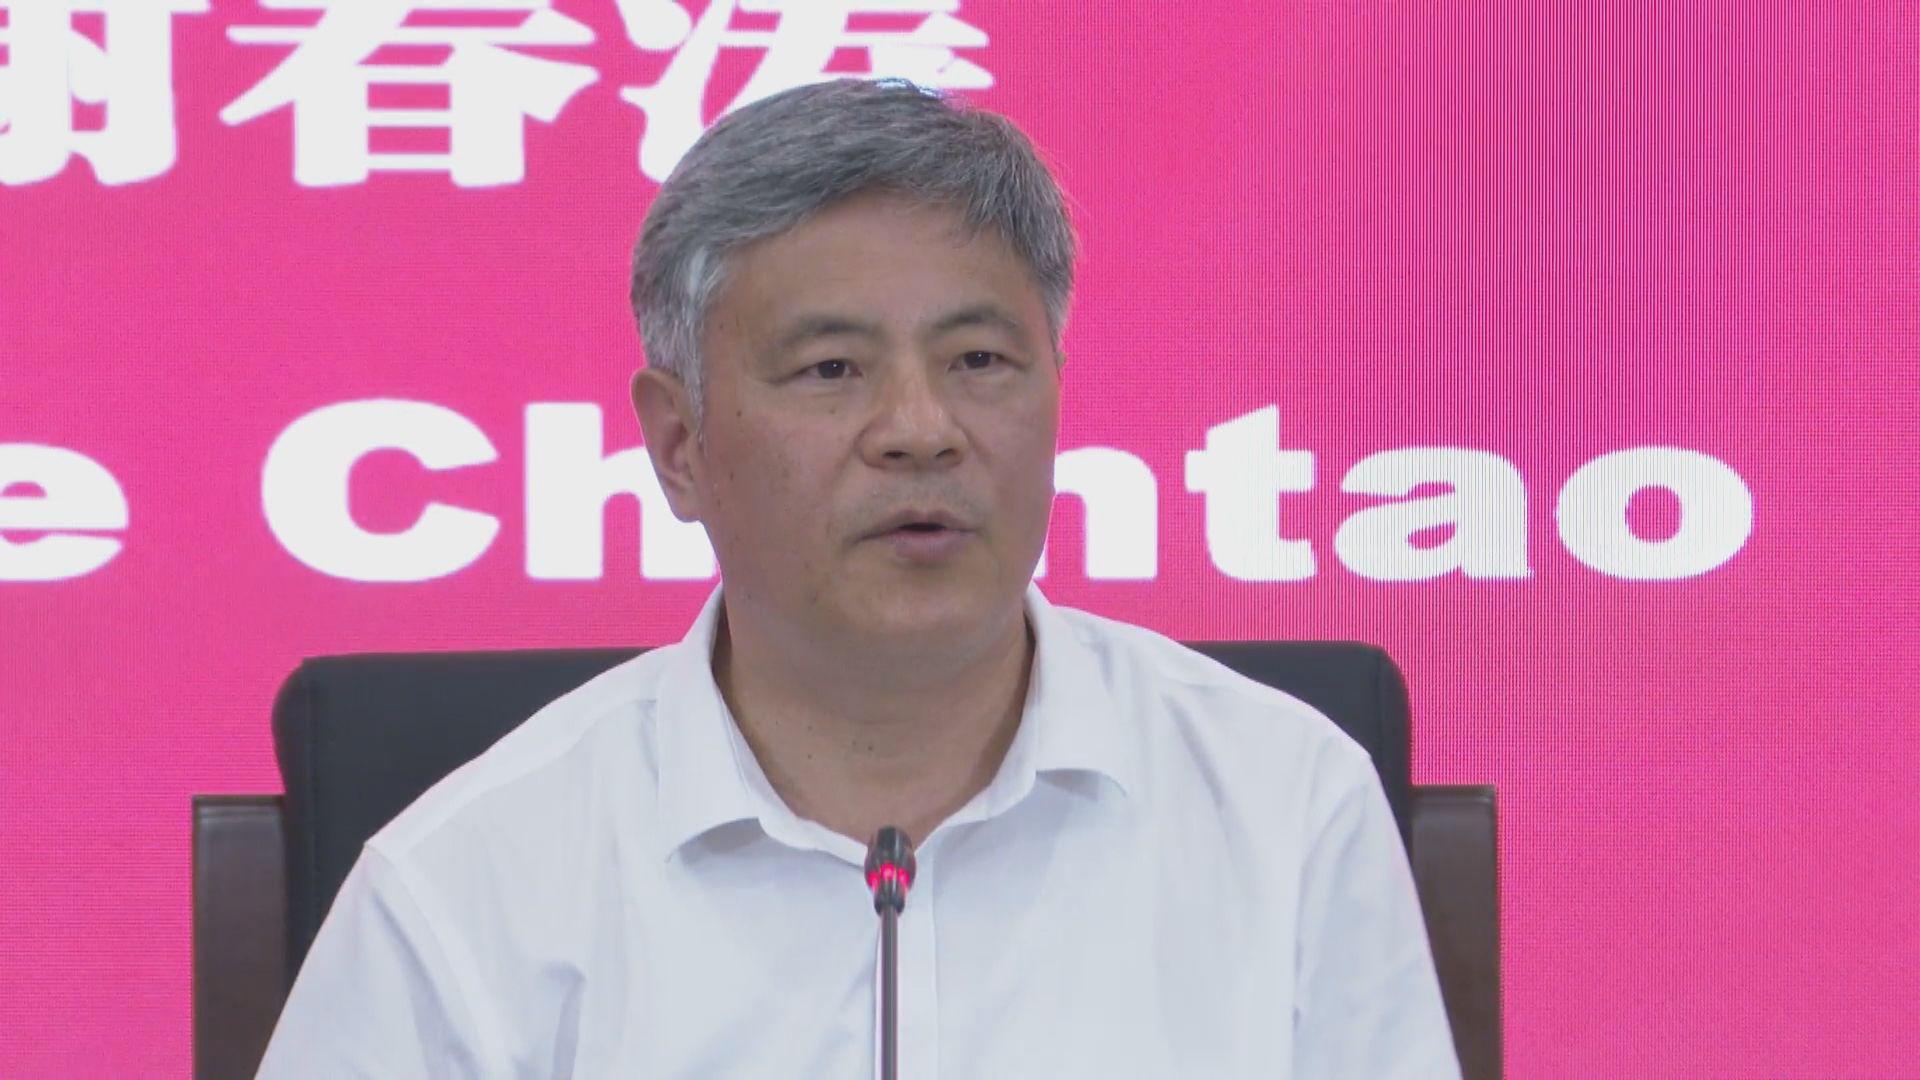 中央黨校副校長:西方國家批評及制裁中國毫無道理